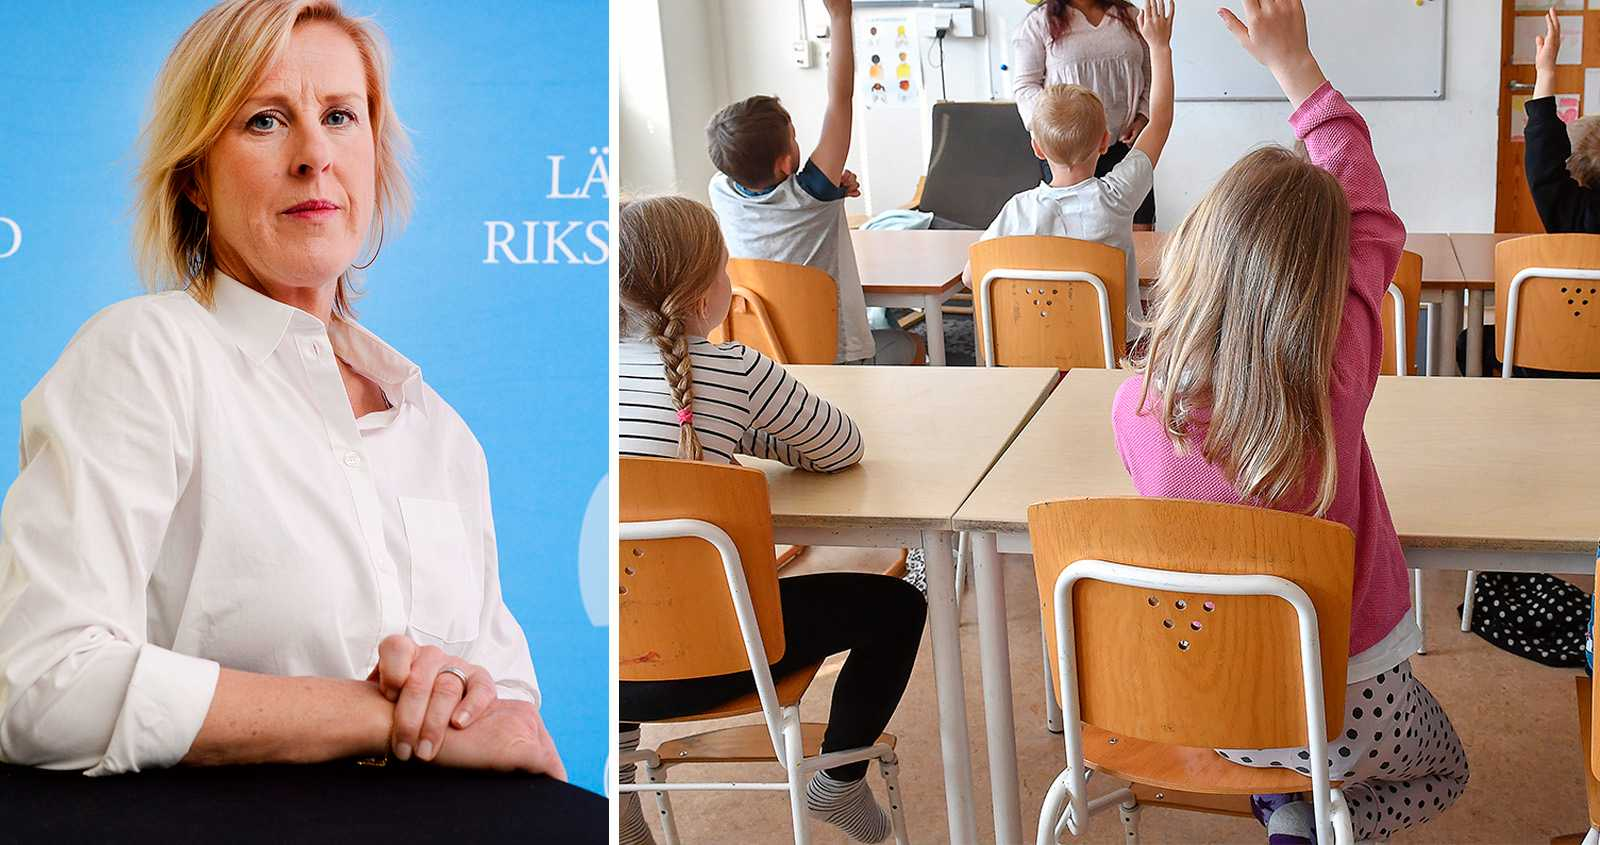 Kritik mot arbetet med att minska smittan i skolan